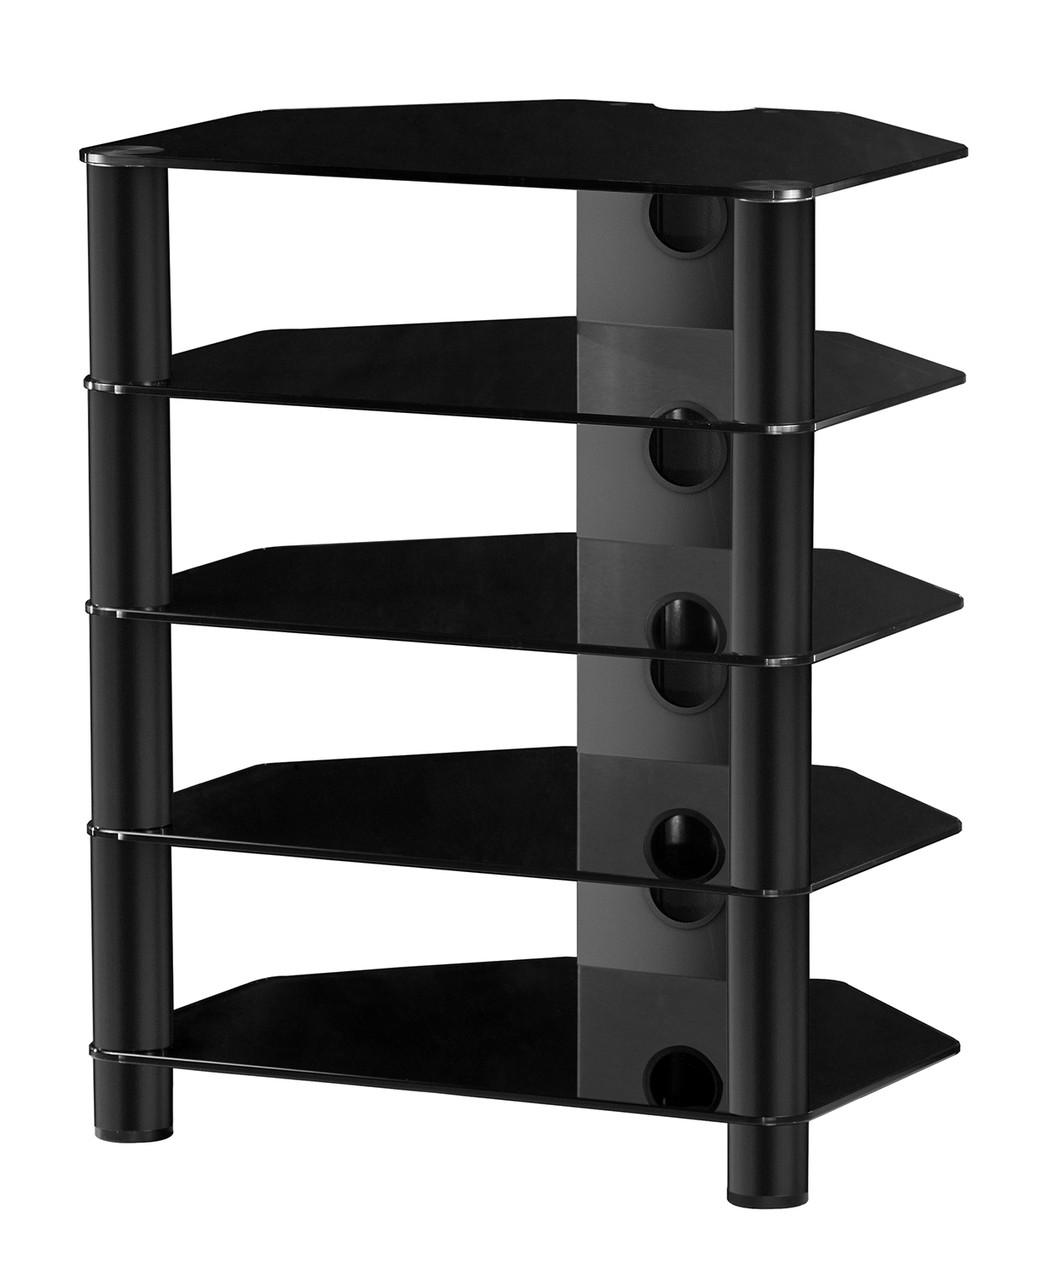 Стійка під hi-fi компоненти Sonorous RX 2150 Чорний (RX 2150-B-HBLK)